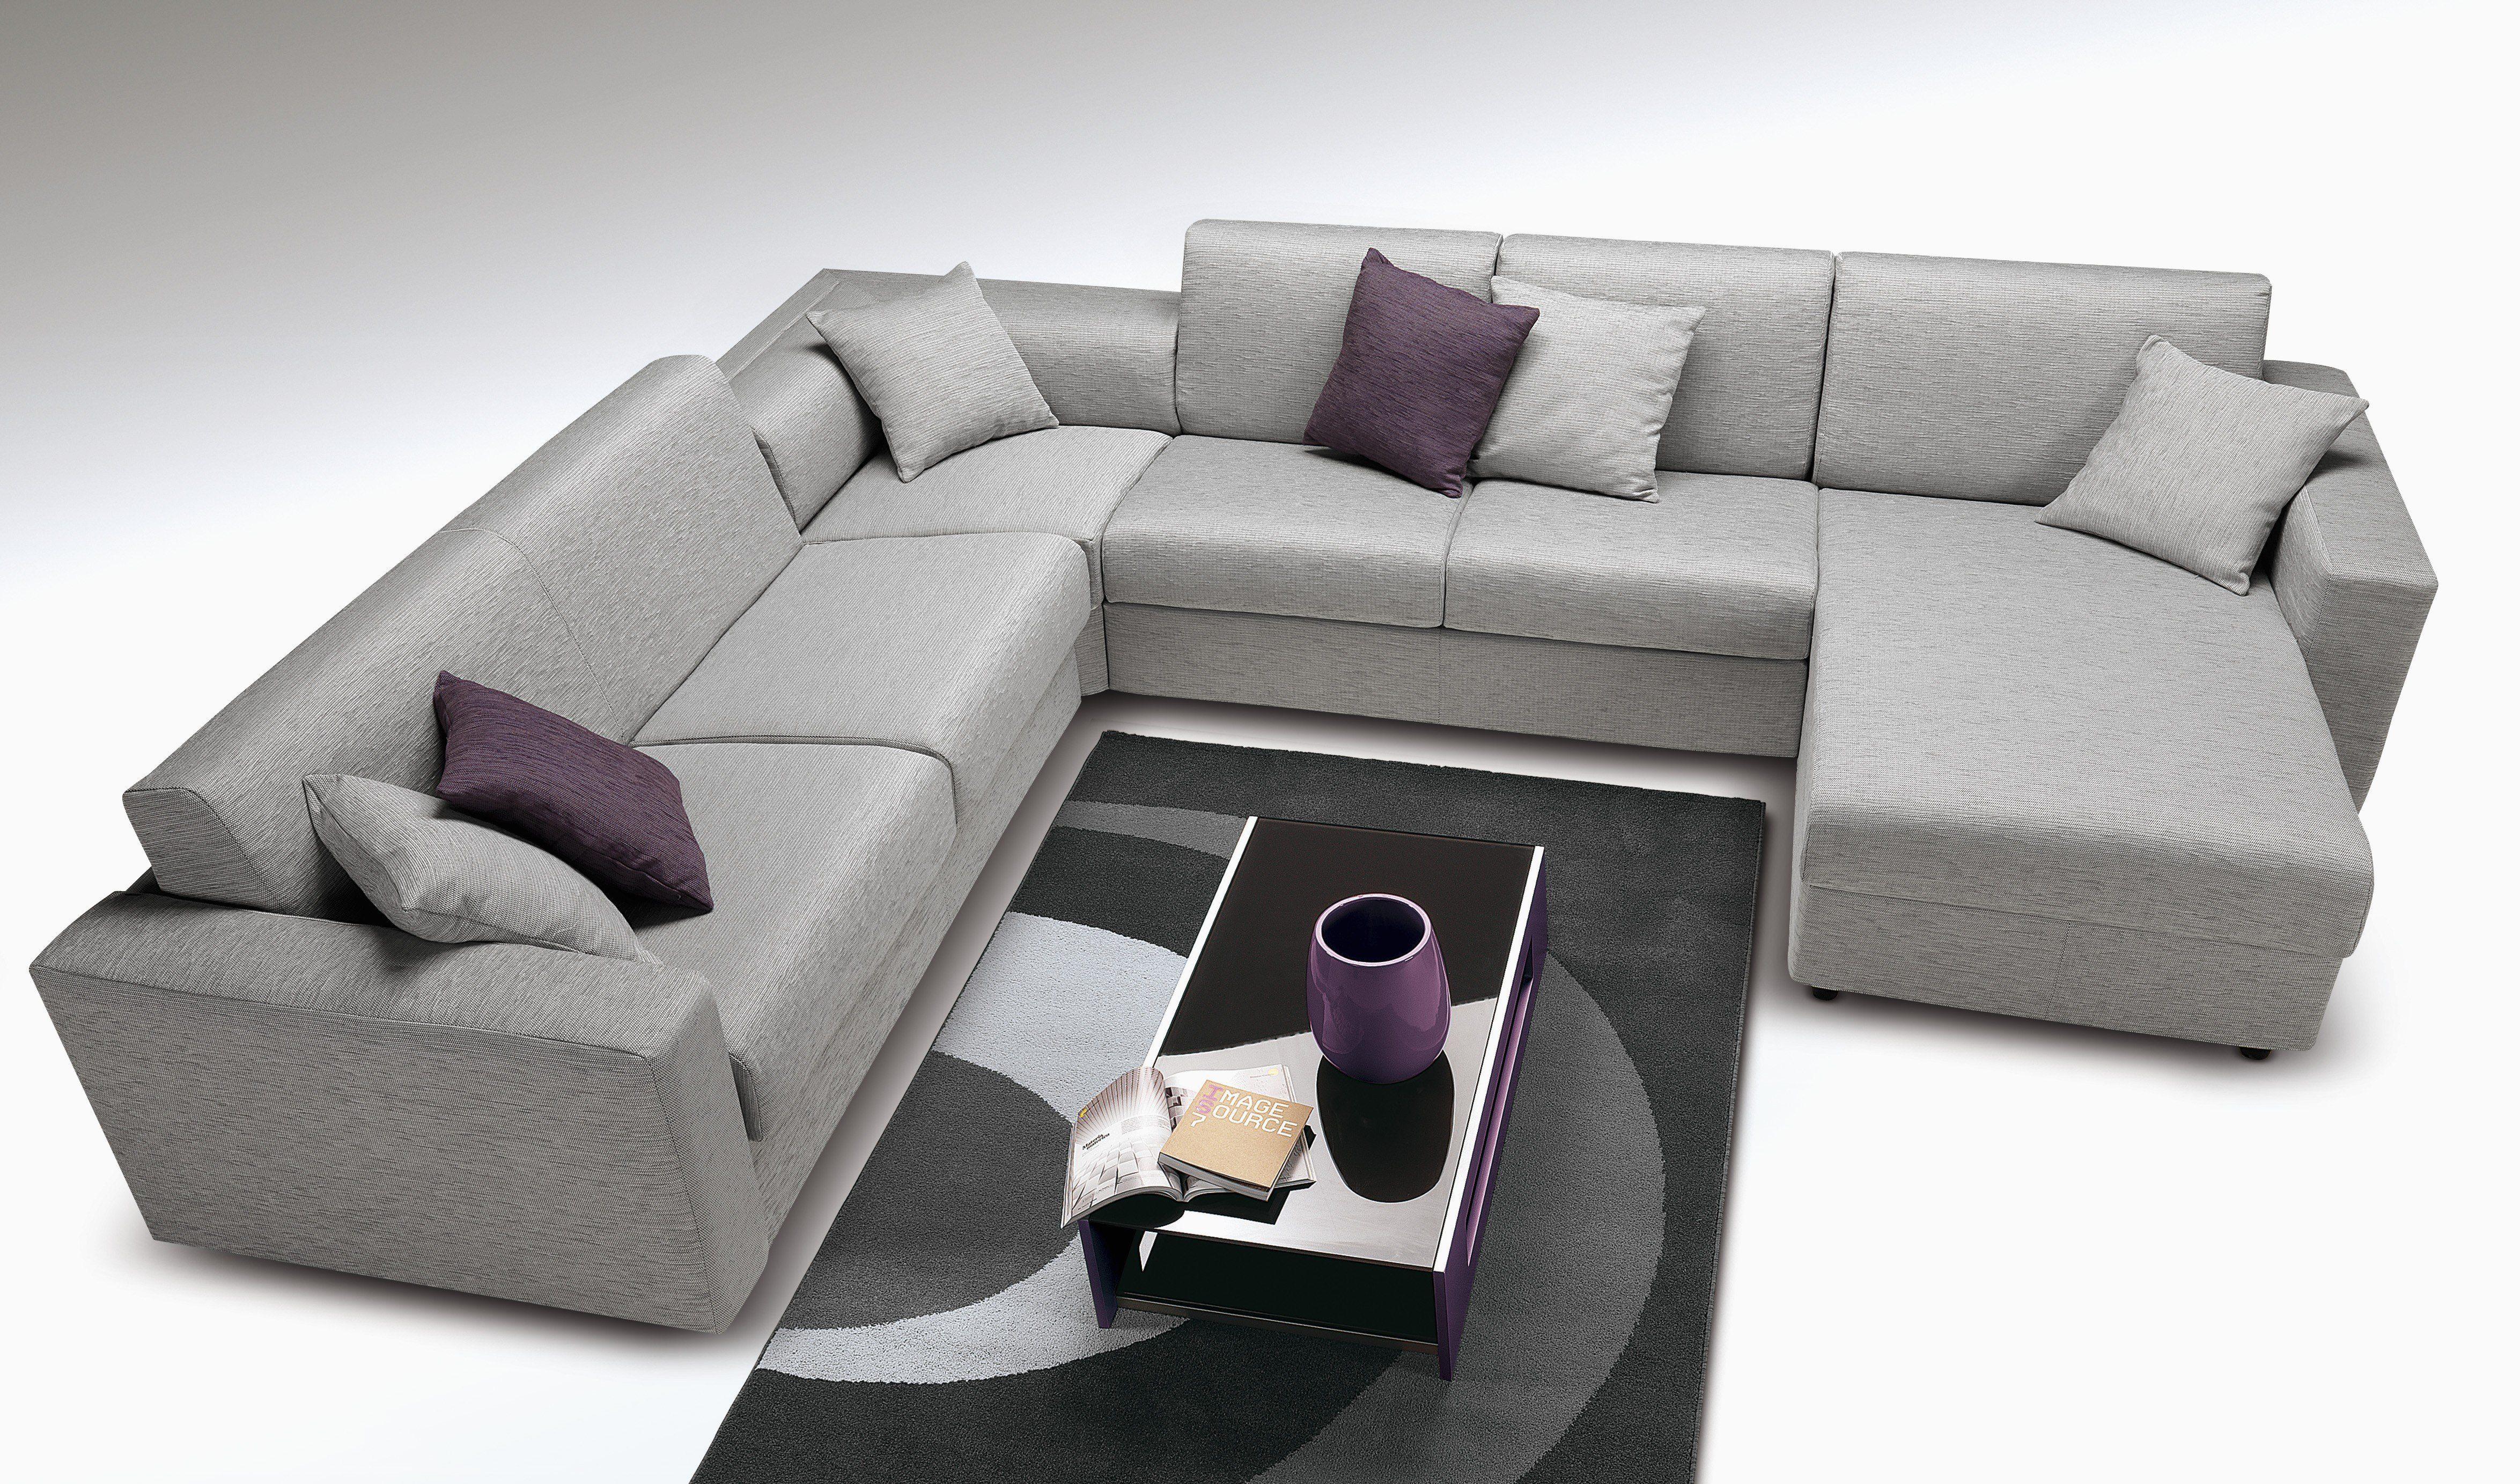 57 De Luxe Canapé Lit Convertible Ikea Les Images